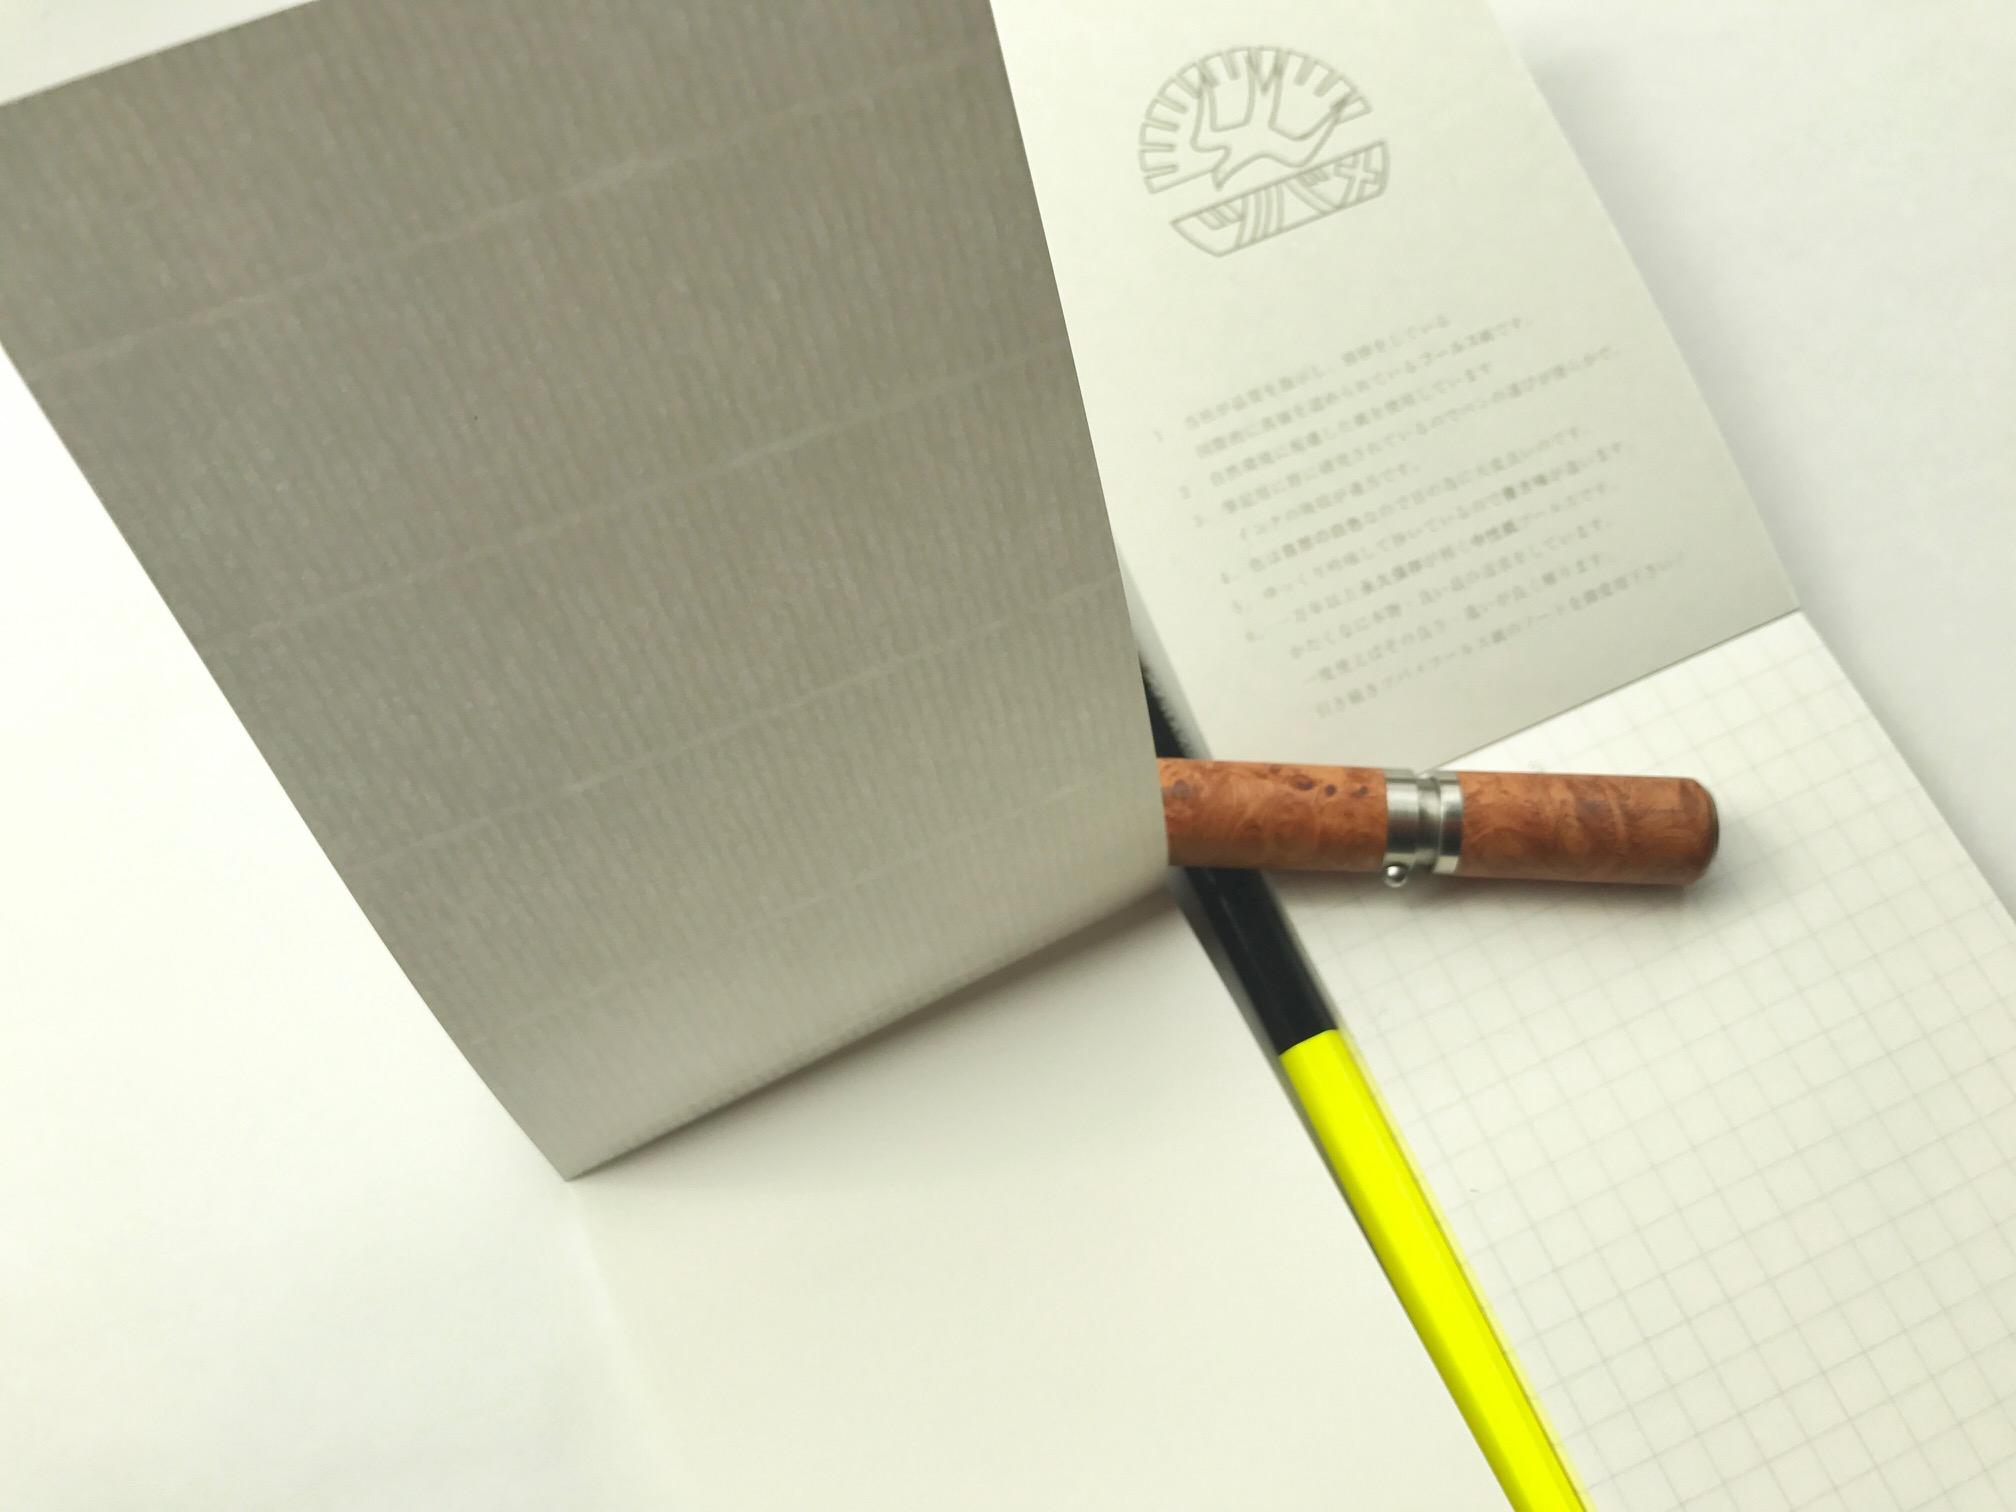 小日向京のひねもす文房具|第百三十二回「ツバメノート ツバメモ」